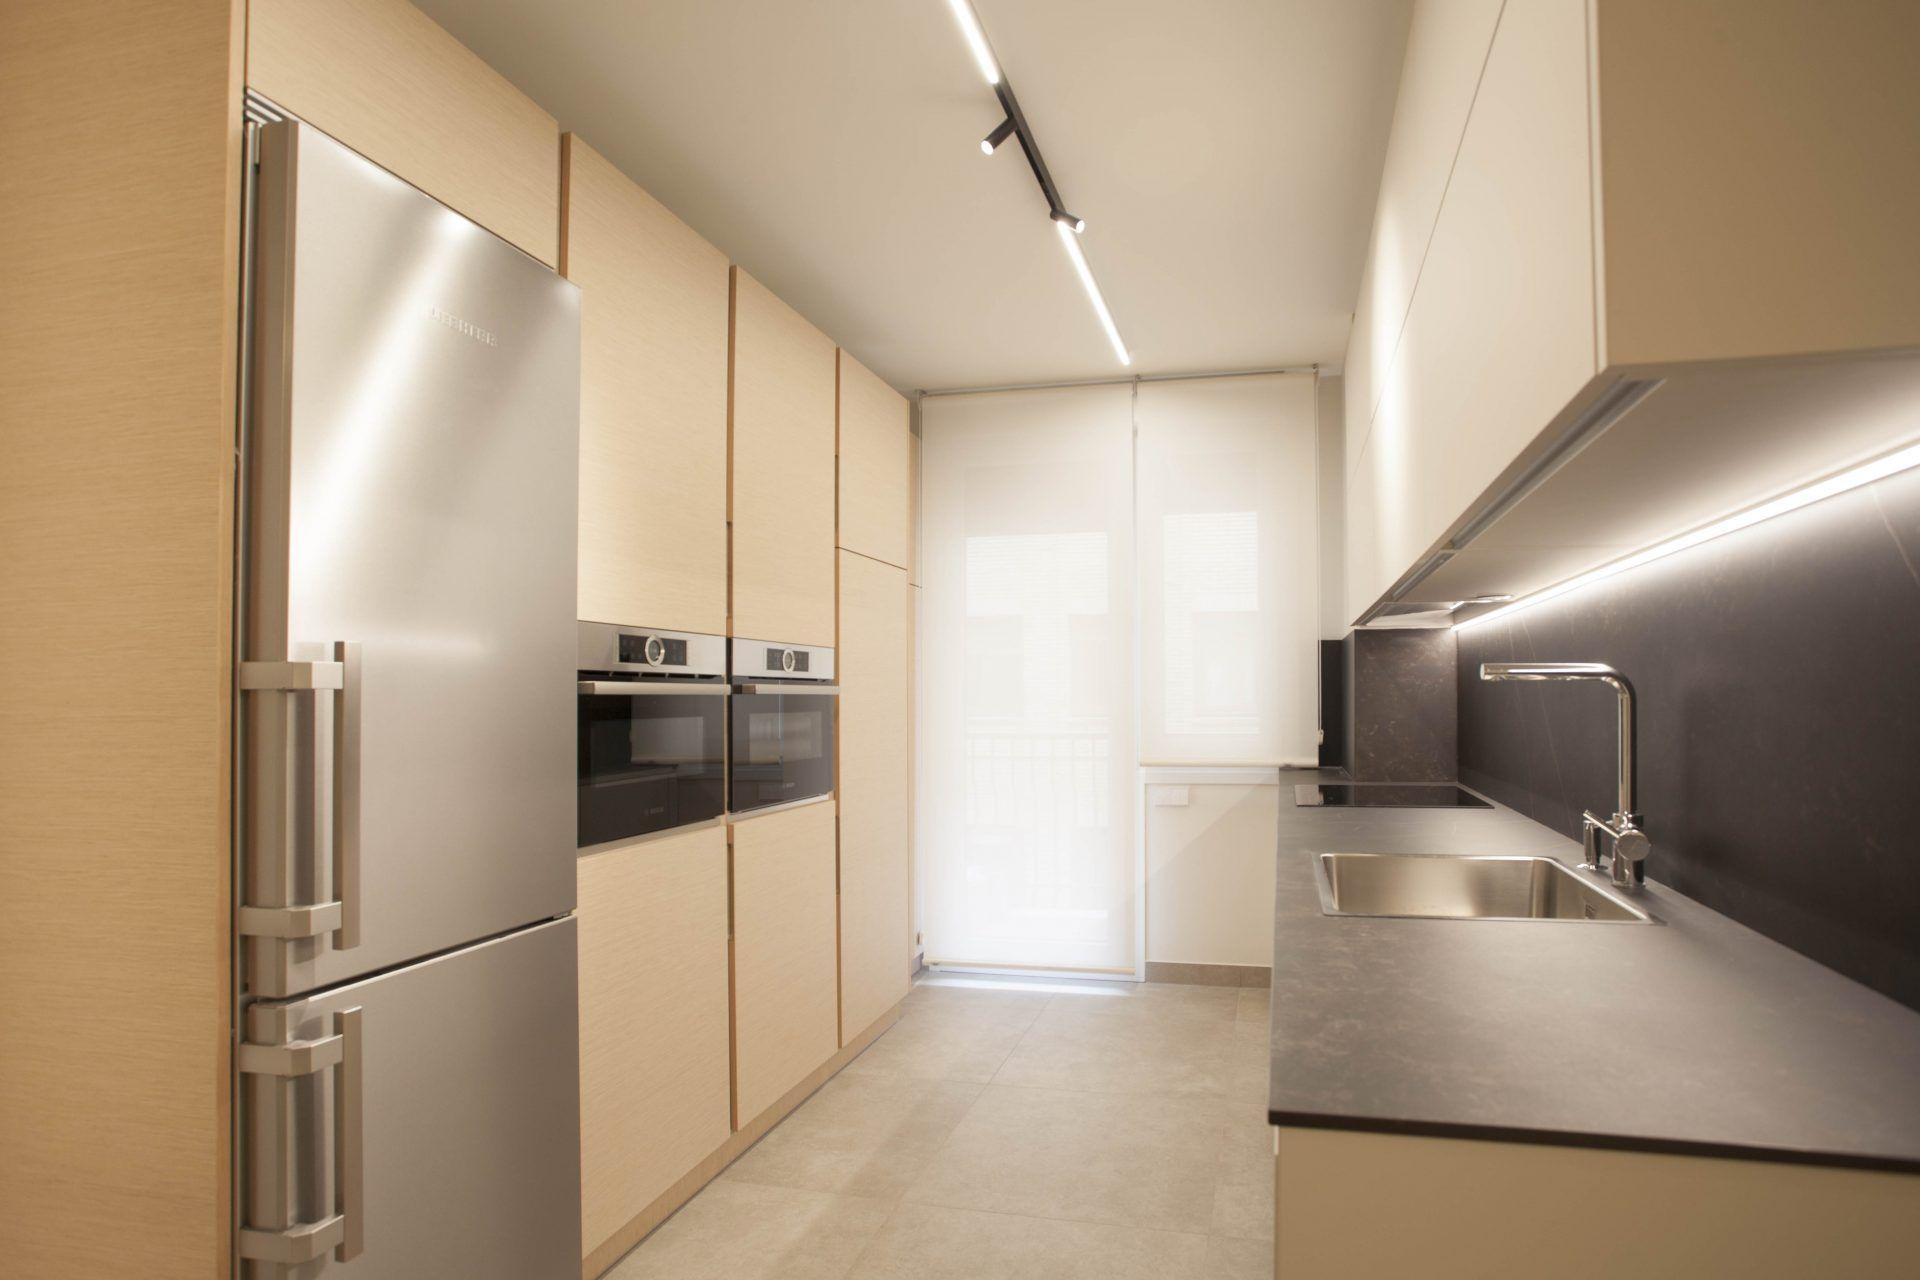 Iluminación reforma integral vivienda lujo interiorismo diseño | Perspectiva MomaMoma